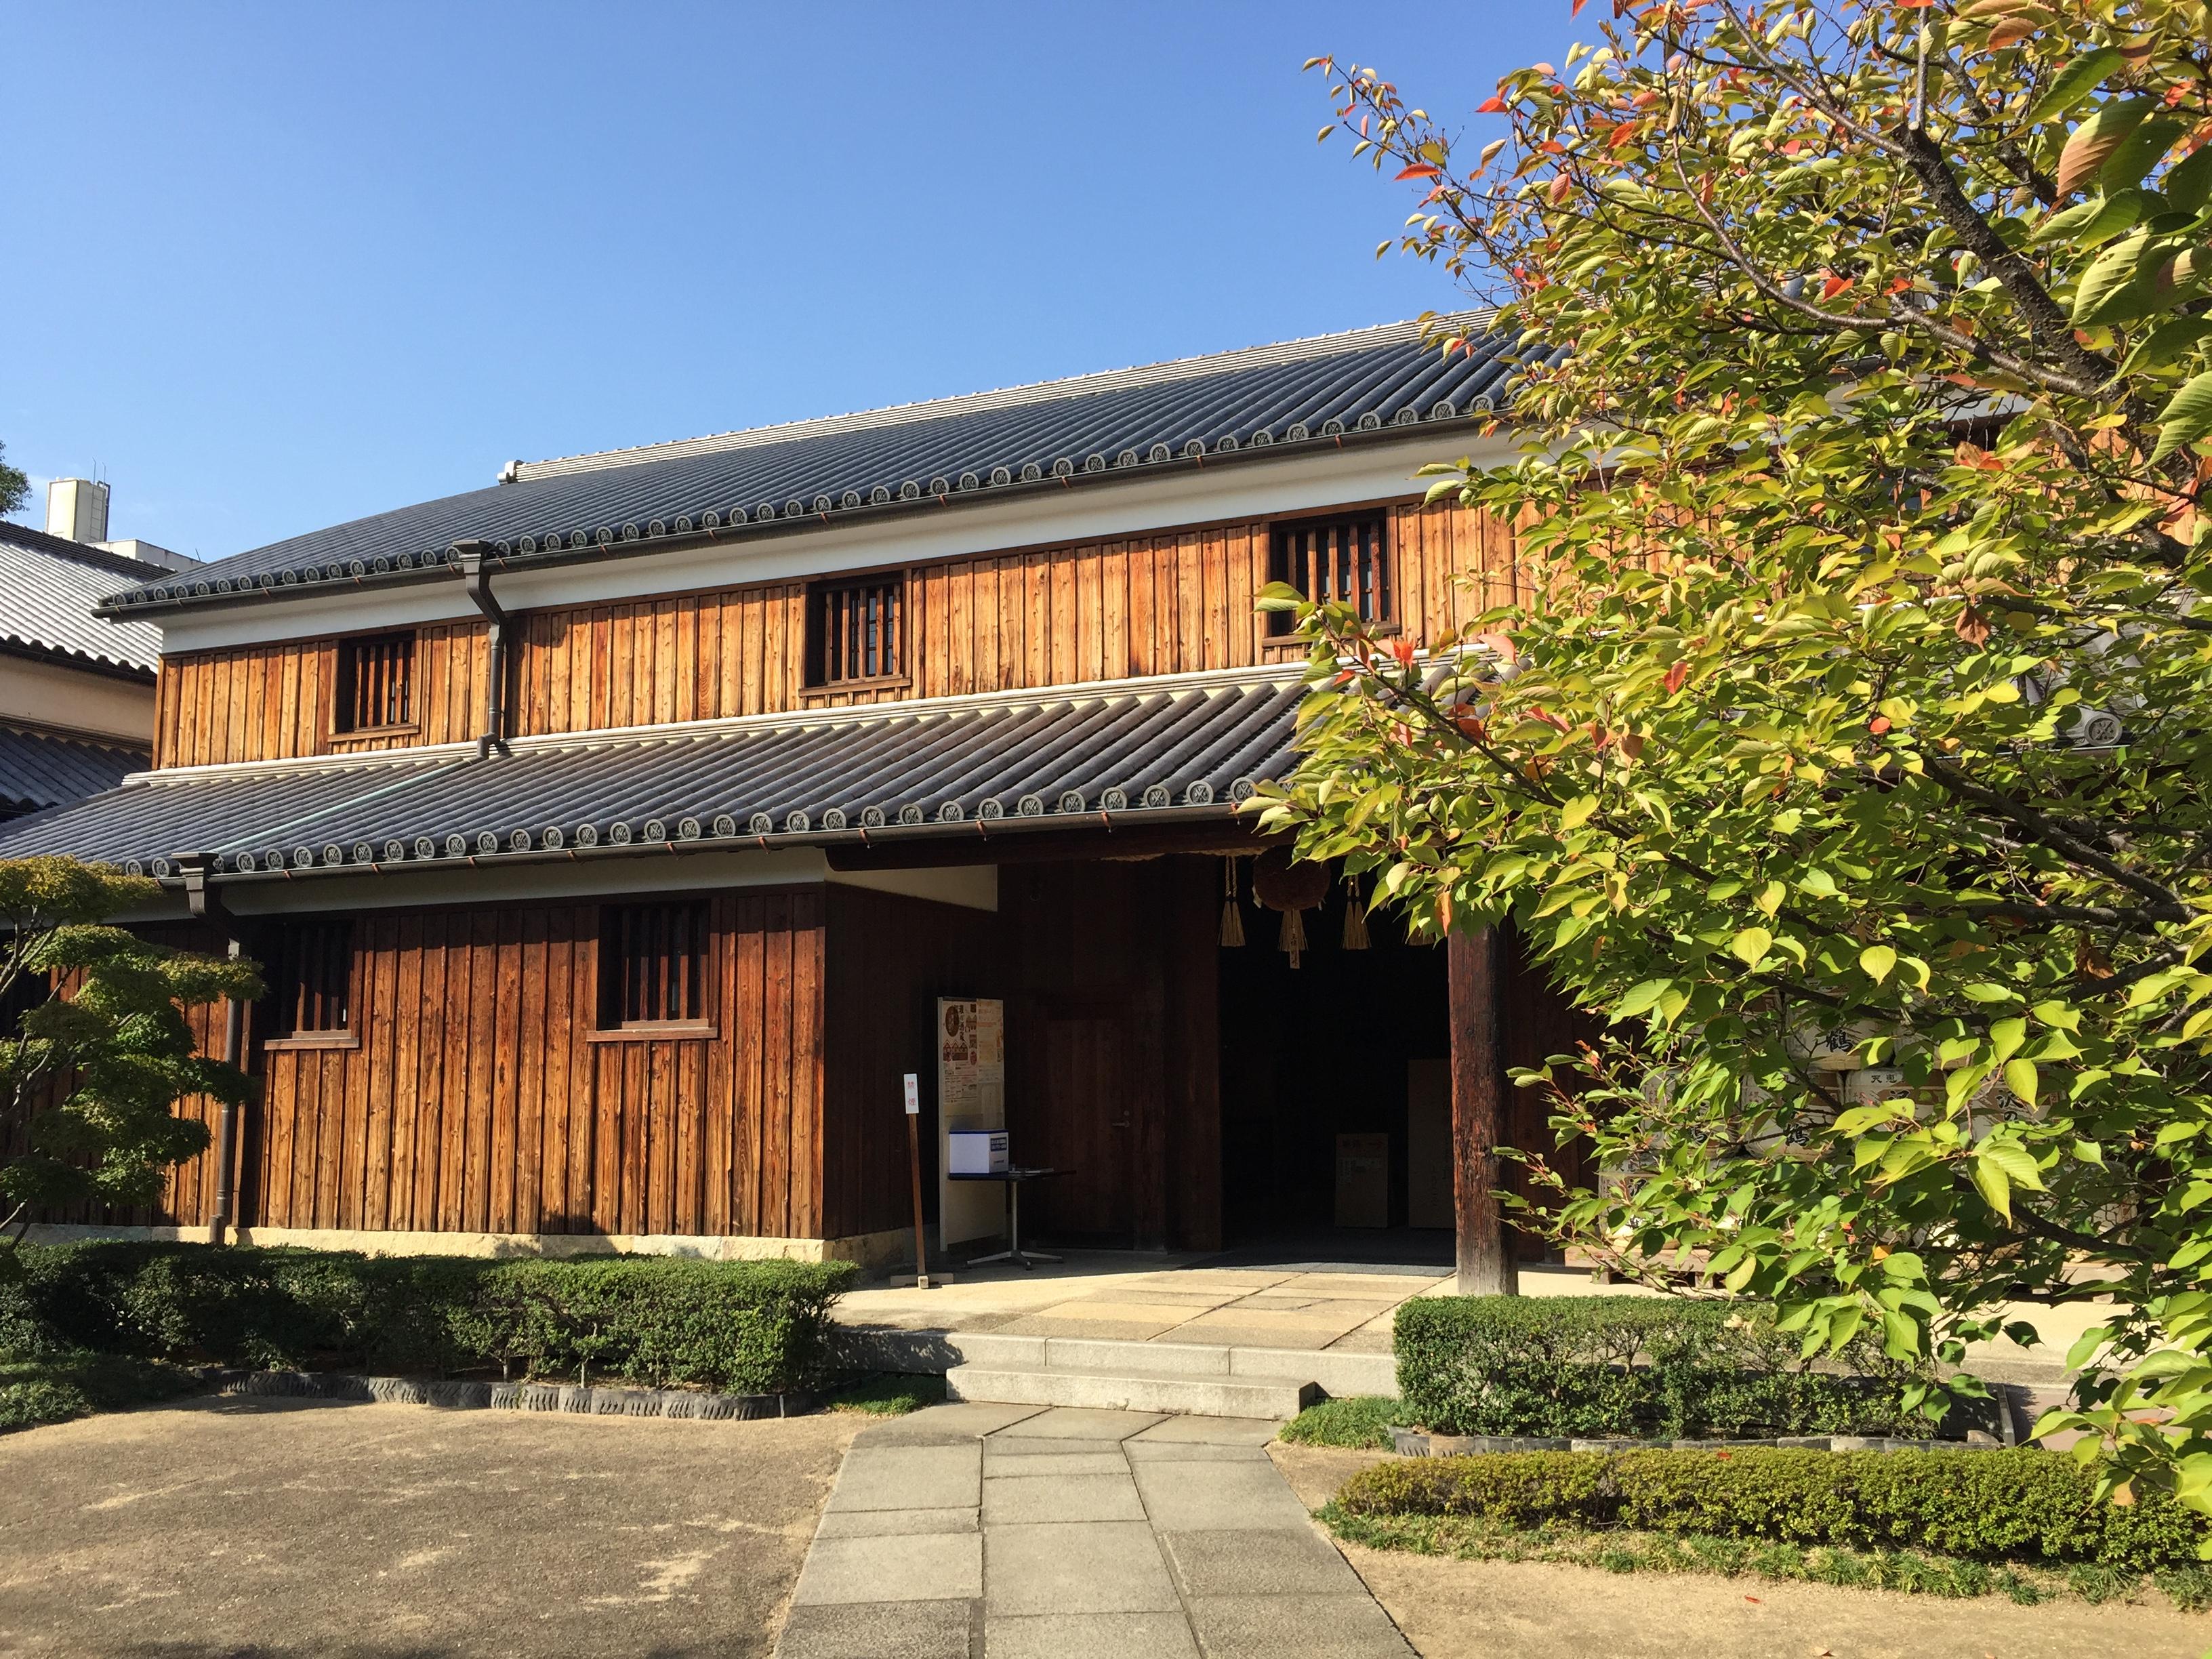 神戸・灘の沢の鶴で「第9回 蔵開き」が3月11日に開催されるよ【※区外イベント告知】